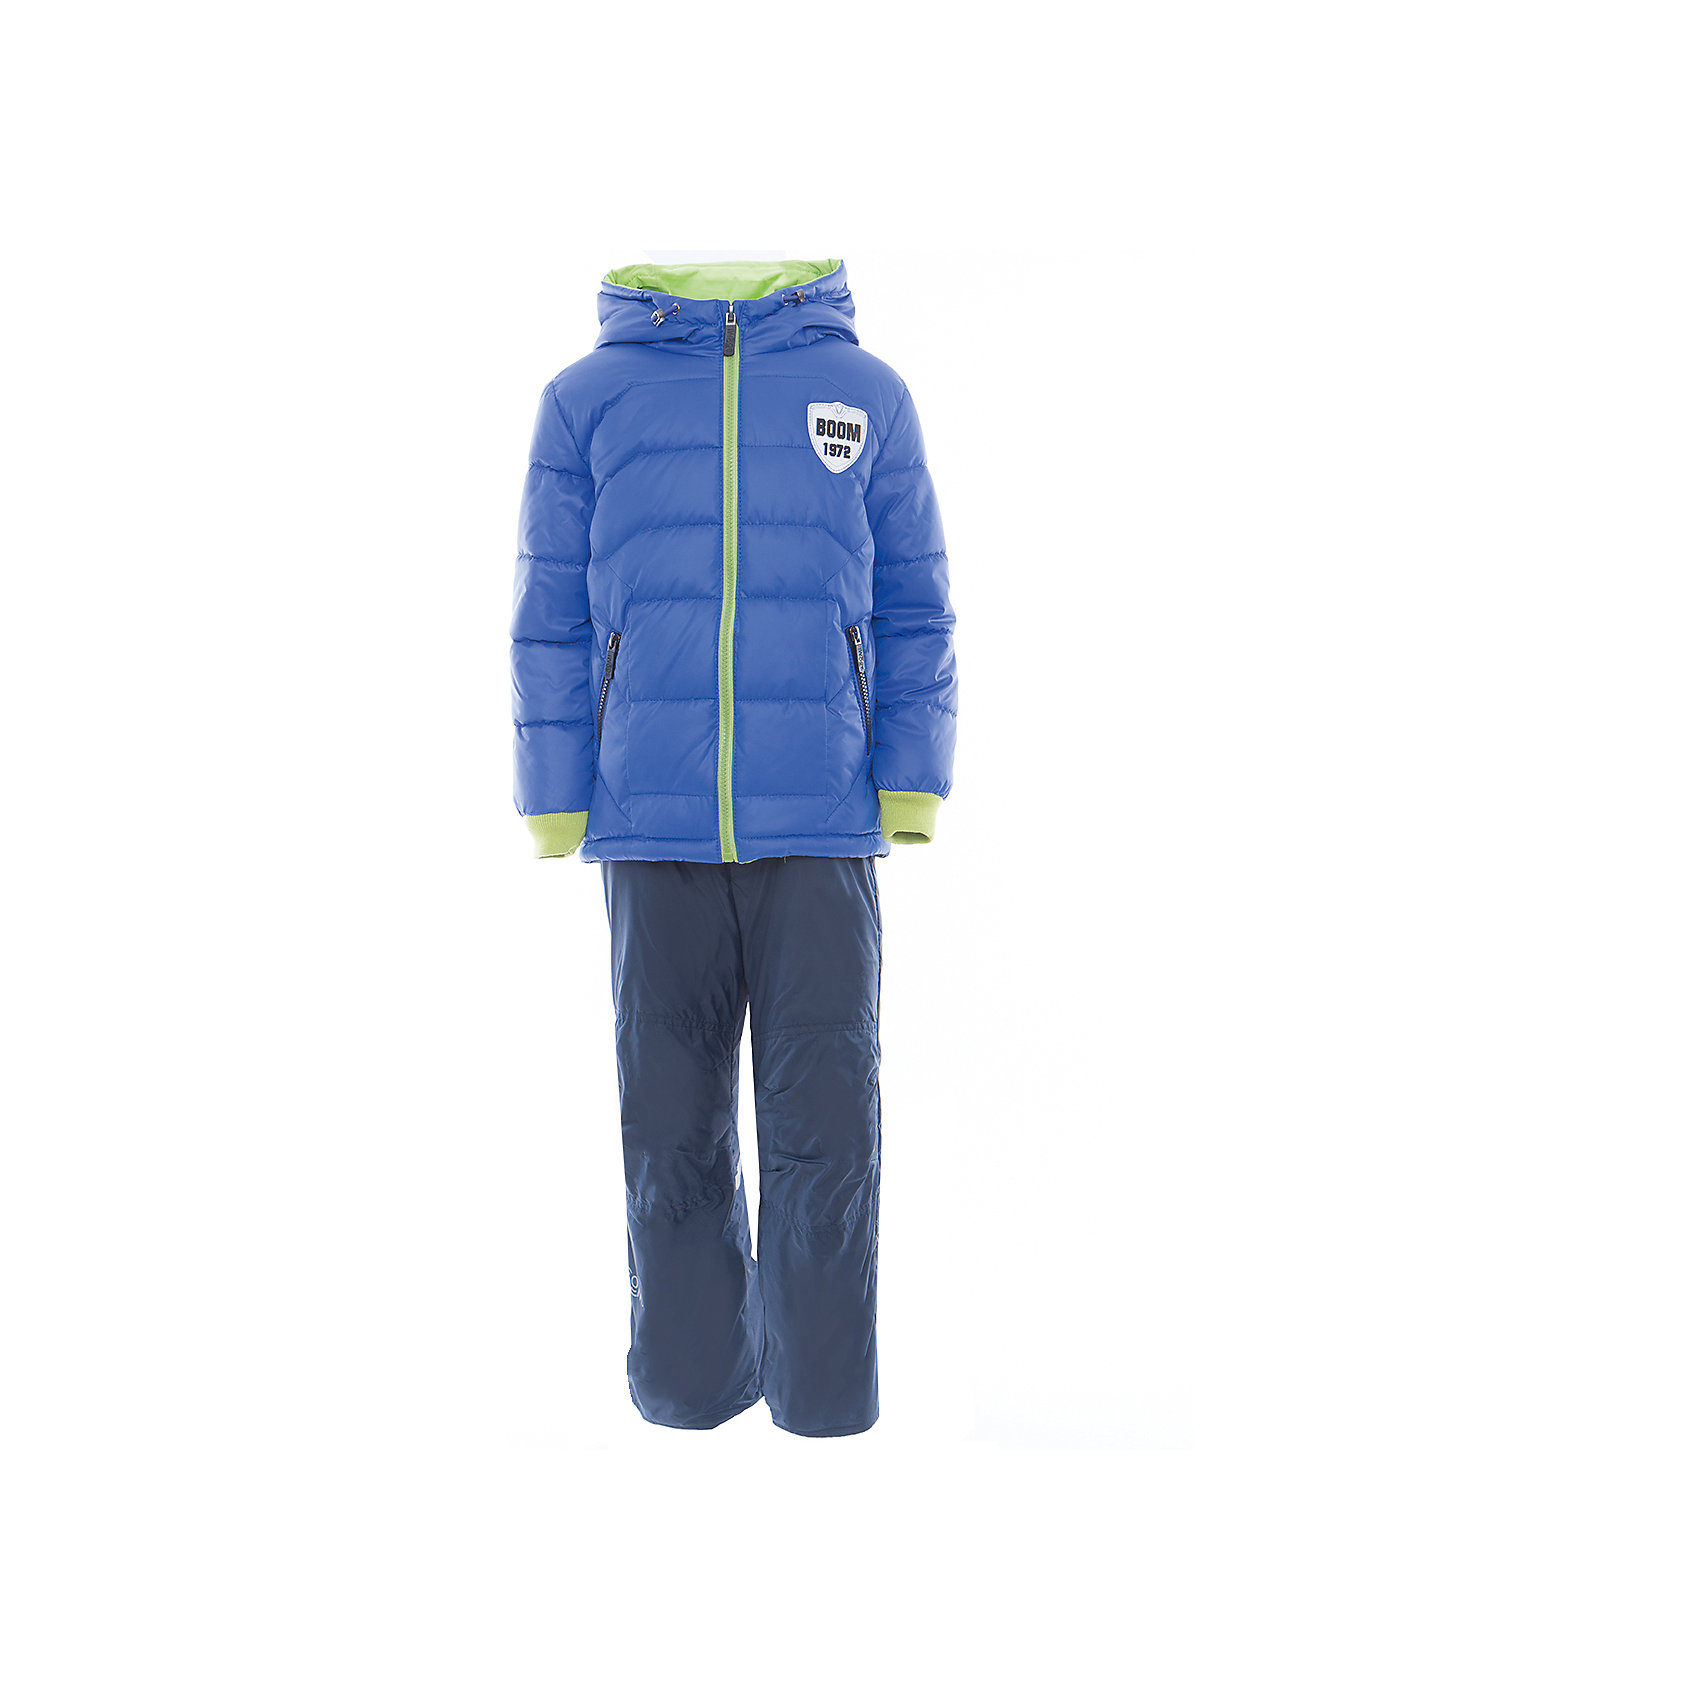 Комплект для мальчика BOOM by OrbyХарактеристики товара:<br><br>• цвет: синий<br>• состав: <br>курточка: верх - таффета, болонь, подкладка - поликоттон, полиэстер, утеплитель: Flexy Fiber 150 г/м2<br>брюки: подкладка - флис<br>• комплектация: куртка, брюки<br>• температурный режим: от -5 С° до +10 С° <br>• карманы<br>• застежка - молния<br>• куртка декорирована вышивкой<br>• эластичные манжеты<br>• комфортная посадка<br>• страна производства: Российская Федерация<br>• страна бренда: Российская Федерация<br>• коллекция: весна-лето 2017<br><br>Такой комплект - универсальный вариант для межсезонья с постоянно меняющейся погодой. Эта модель - модная и удобная одновременно! Изделие отличается стильным ярким дизайном. Куртка и брюки хорошо сидят по фигуре, отлично сочетается с различной обувью. Модель была разработана специально для детей.<br><br>Одежда от российского бренда BOOM by Orby уже завоевала популярностью у многих детей и их родителей. Вещи, выпускаемые компанией, качественные, продуманные и очень удобные. Для производства коллекций используются только безопасные для детей материалы. Спешите приобрести модели из новой коллекции Весна-лето 2017! <br><br>Комплект для мальчика от бренда BOOM by Orby можно купить в нашем интернет-магазине.<br><br>Ширина мм: 356<br>Глубина мм: 10<br>Высота мм: 245<br>Вес г: 519<br>Цвет: синий<br>Возраст от месяцев: 72<br>Возраст до месяцев: 84<br>Пол: Мужской<br>Возраст: Детский<br>Размер: 122,104,86,92,98,110,116<br>SKU: 5343390